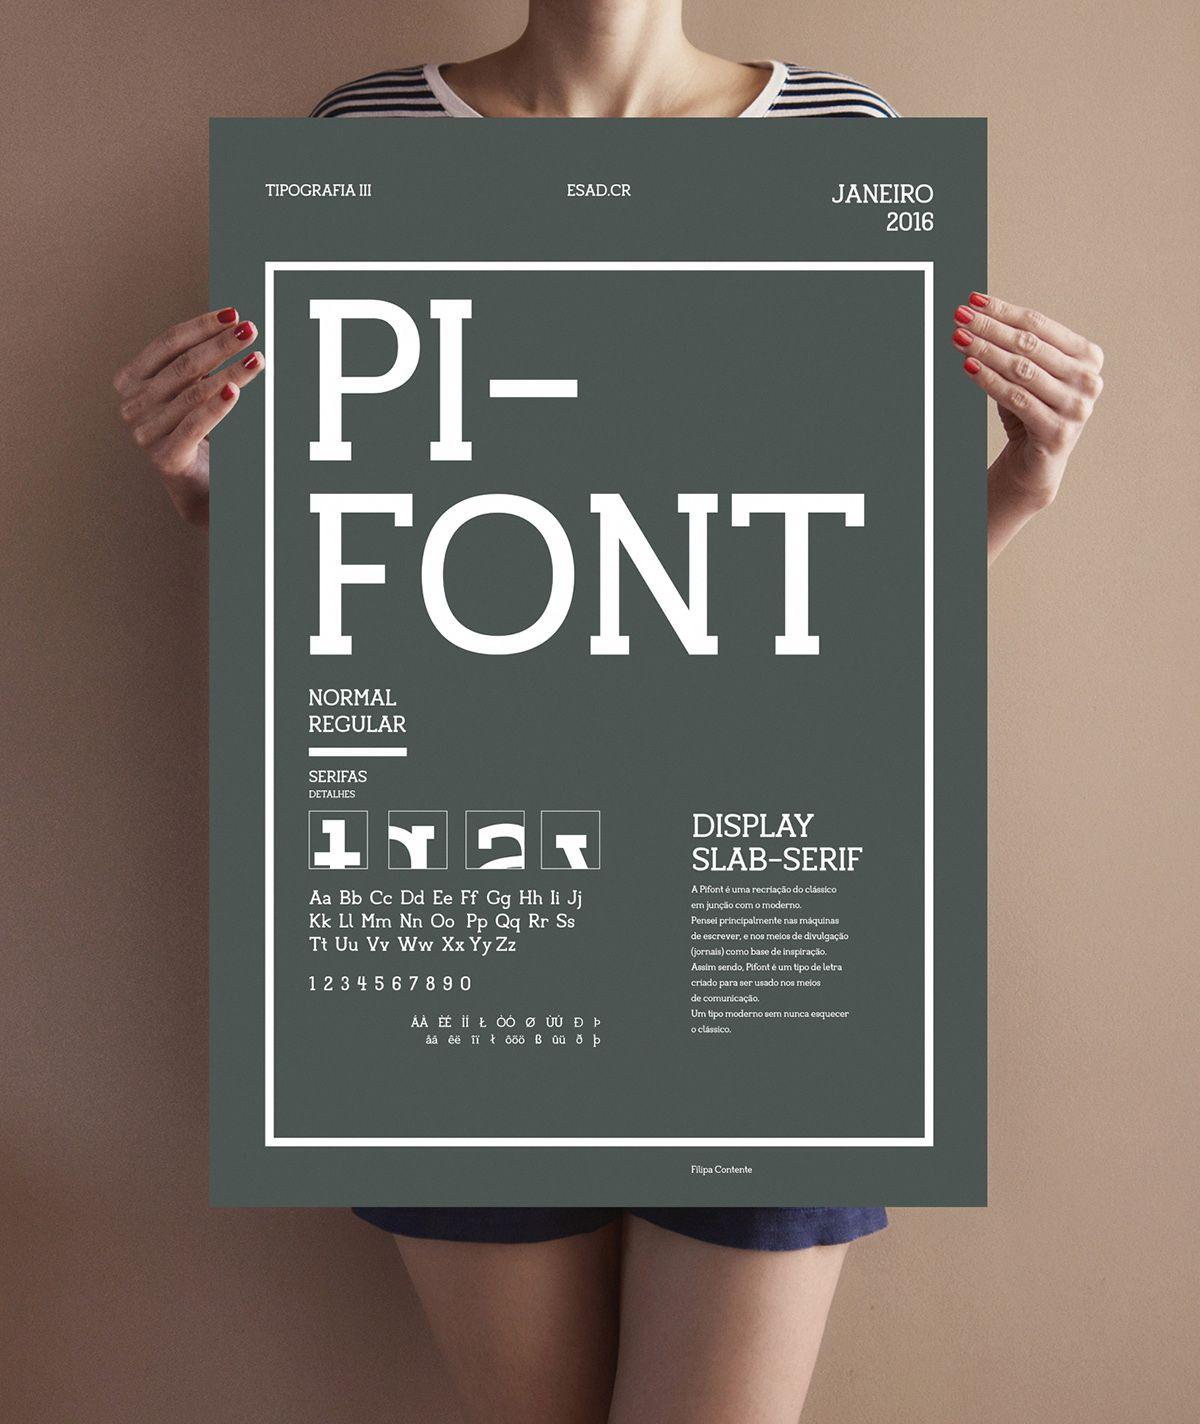 Pi font modern slab serif  Criação de um tipo no âmbito da cadeira de Tipografia III do curso Design Gráfico, ESAD.CR